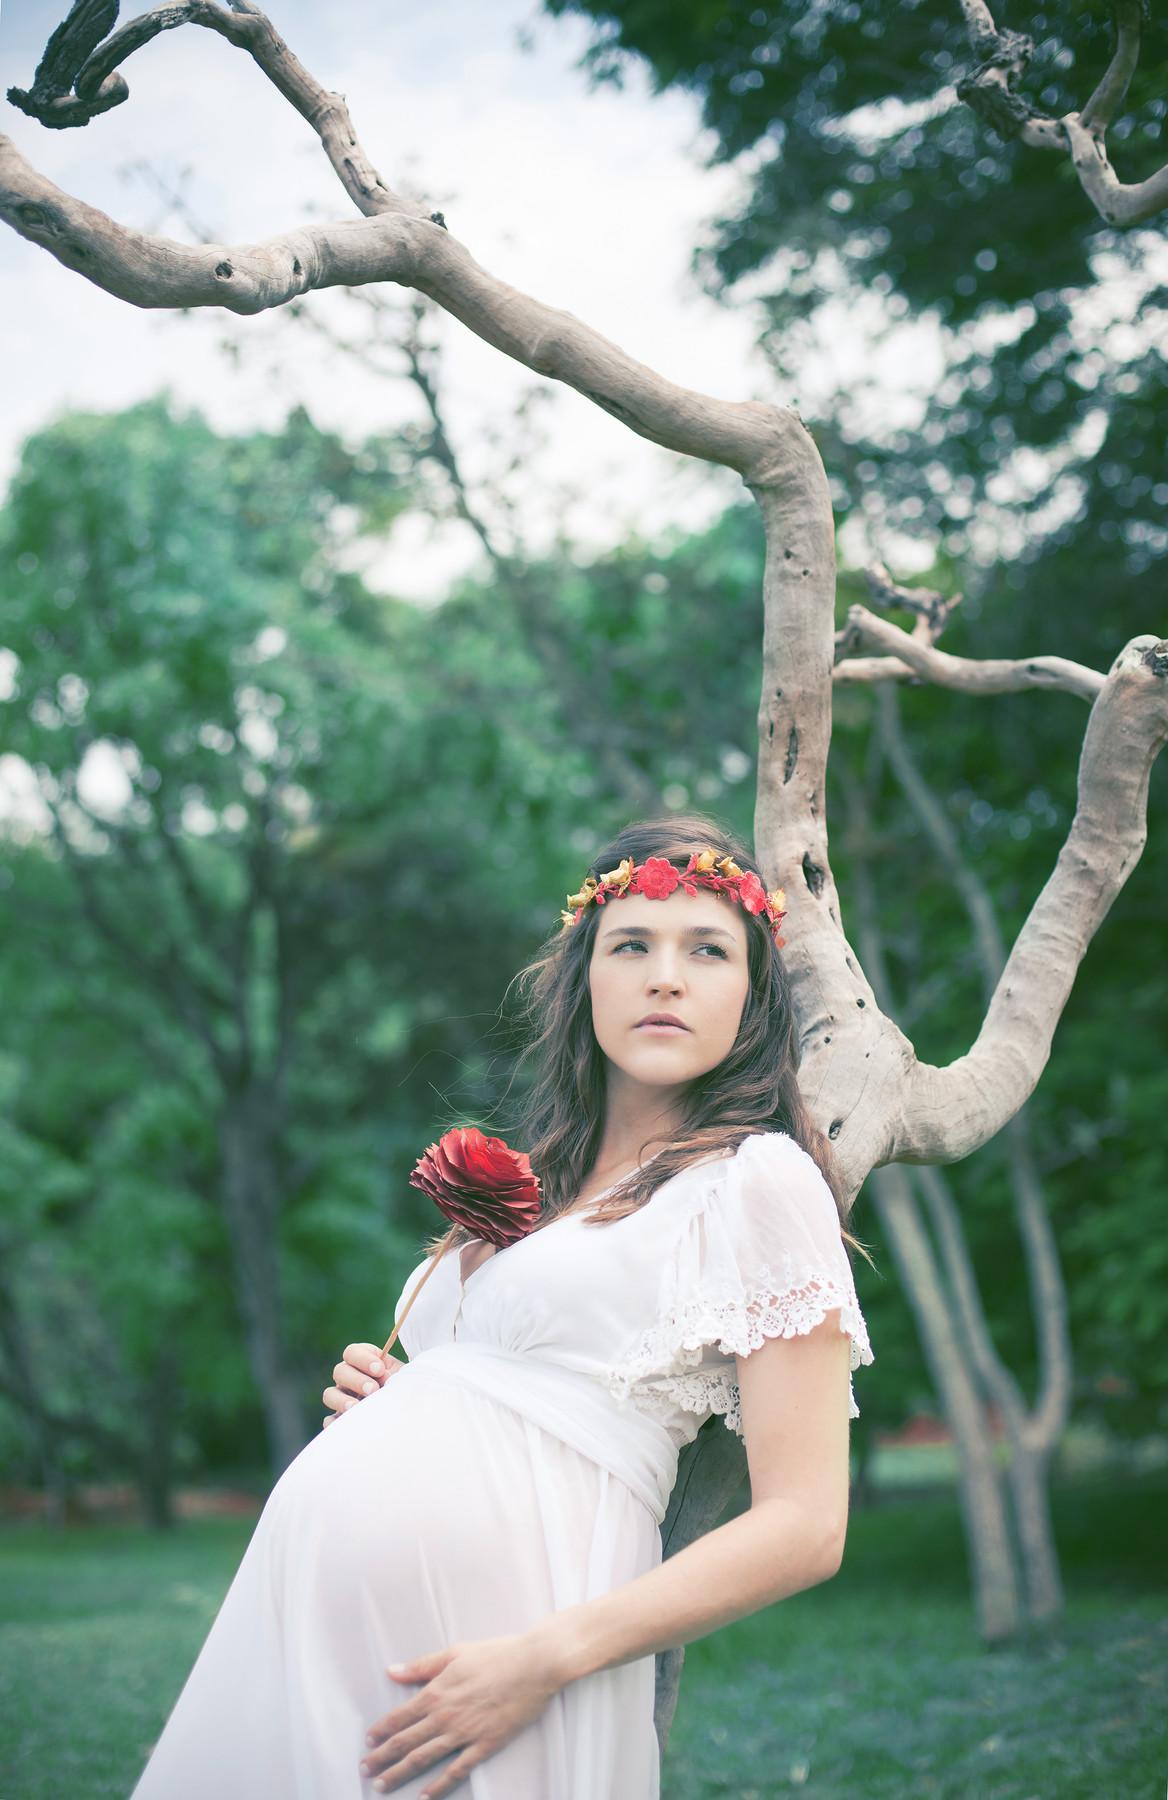 Gestante posando e olhando para o horizonte segurando flores vermelhas encostada em uma árvore. Fotografada pelo fotógrafo de gestantes Rafael Ohana em Brasília-DF